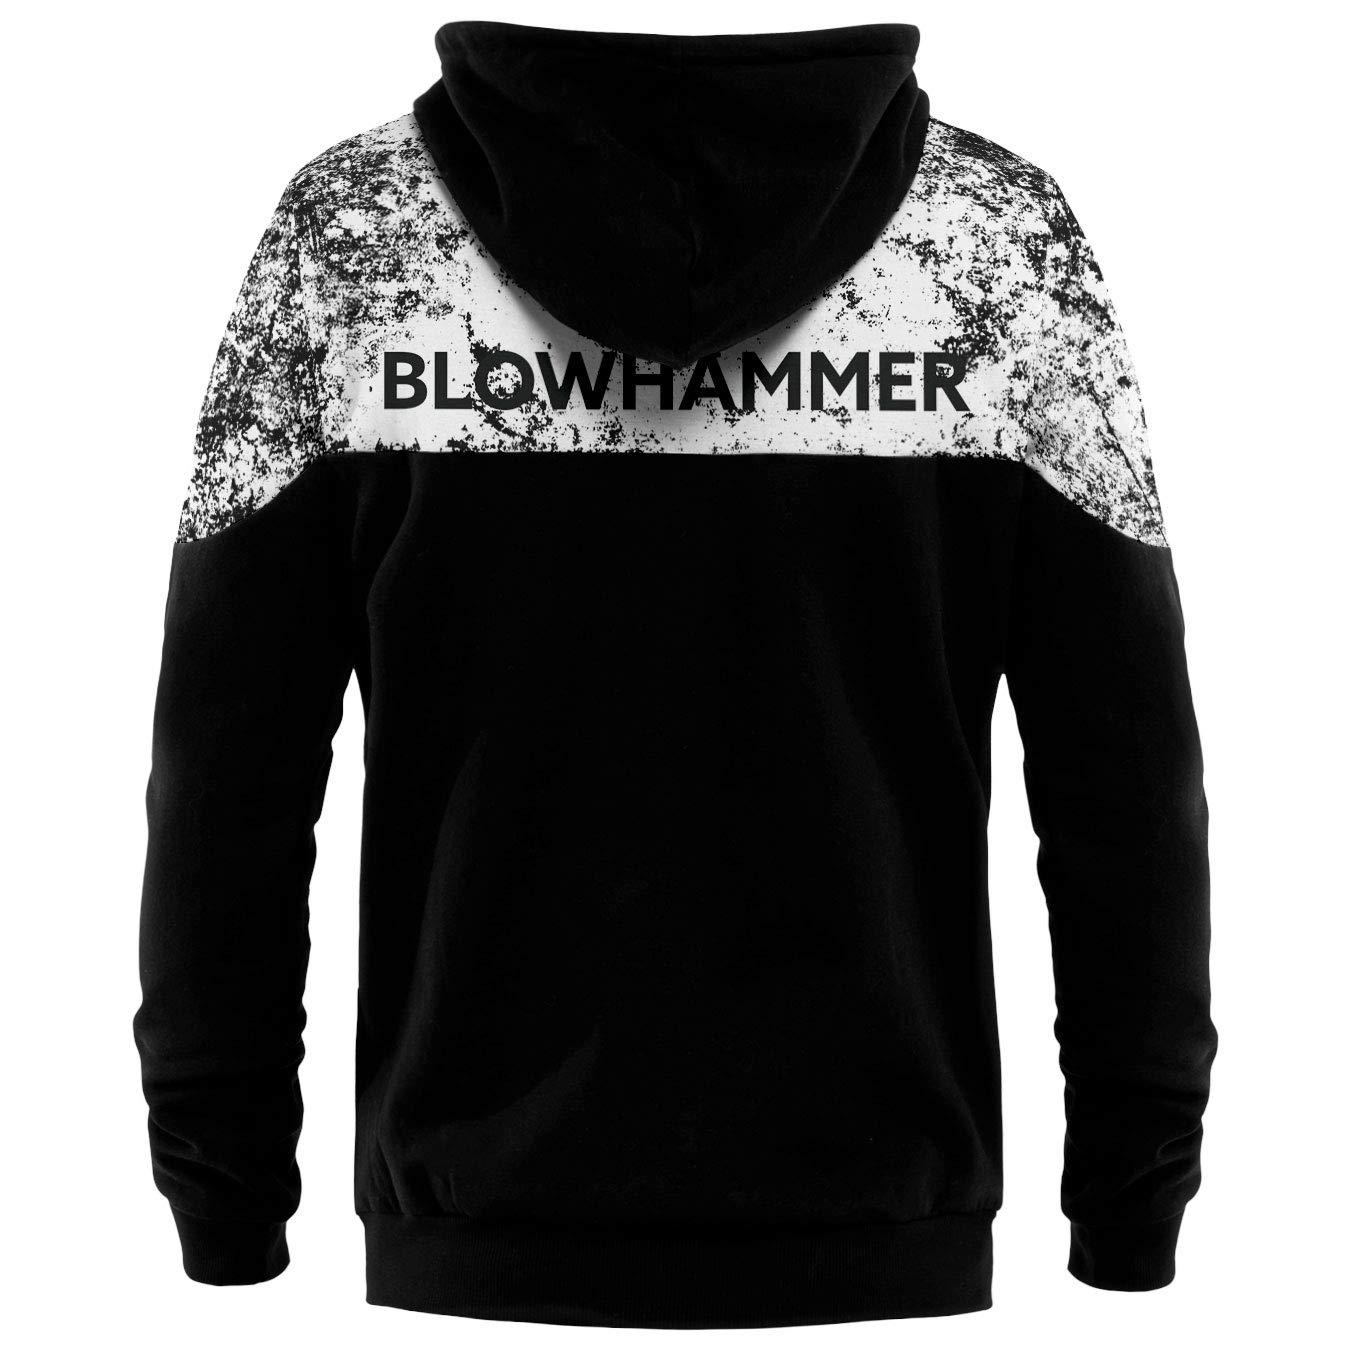 Blowhammer Herren Kapuzenpullover Zip Up Hoodie